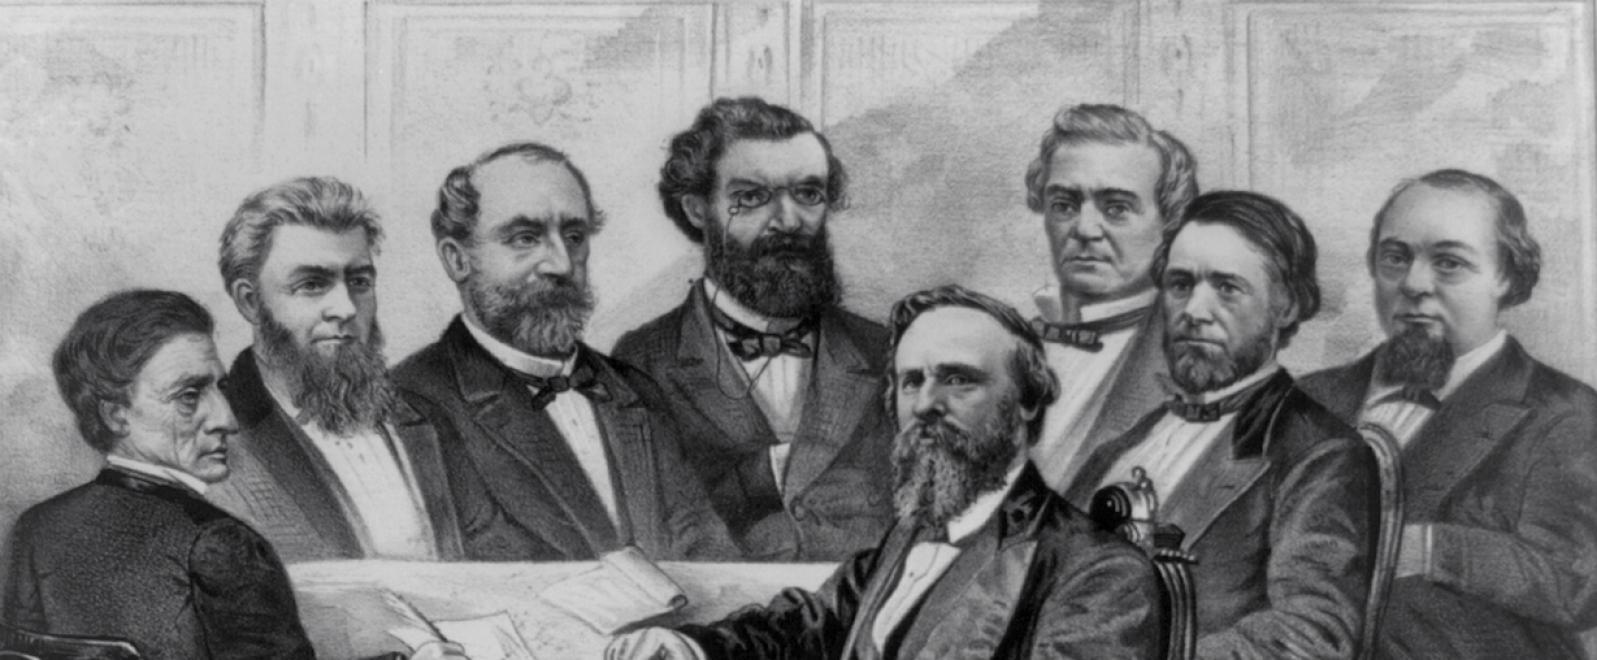 Affiche représentant le cabinet de conseillers du président Rutherford Hayes, 1877 - source : WikiCommons